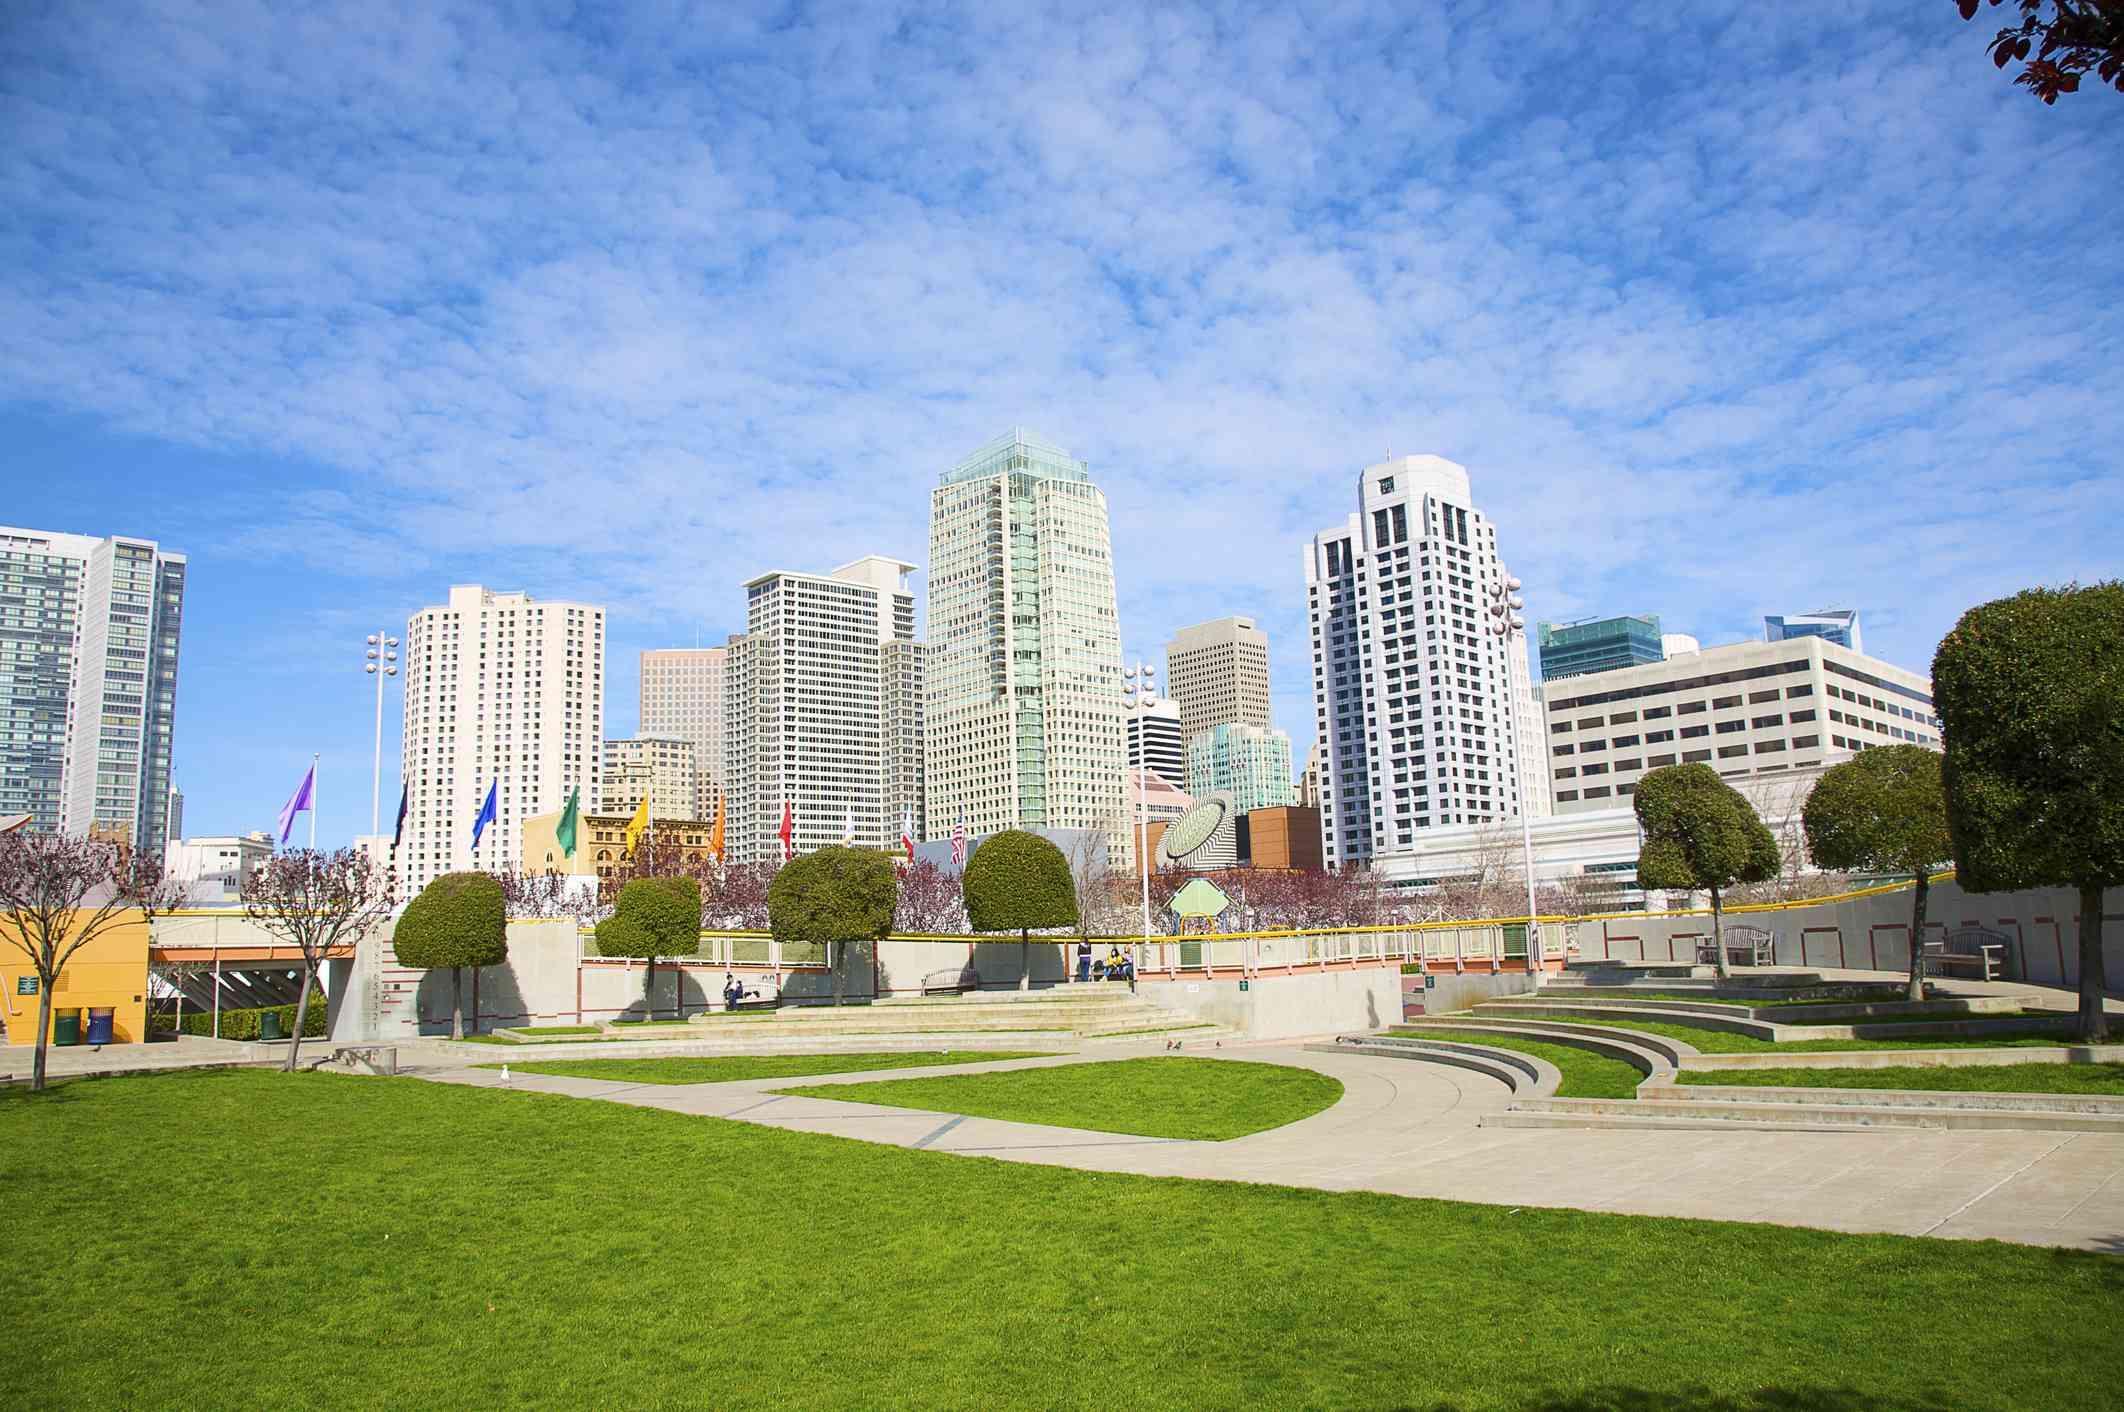 Yerba Buena Gardens in San Francisco